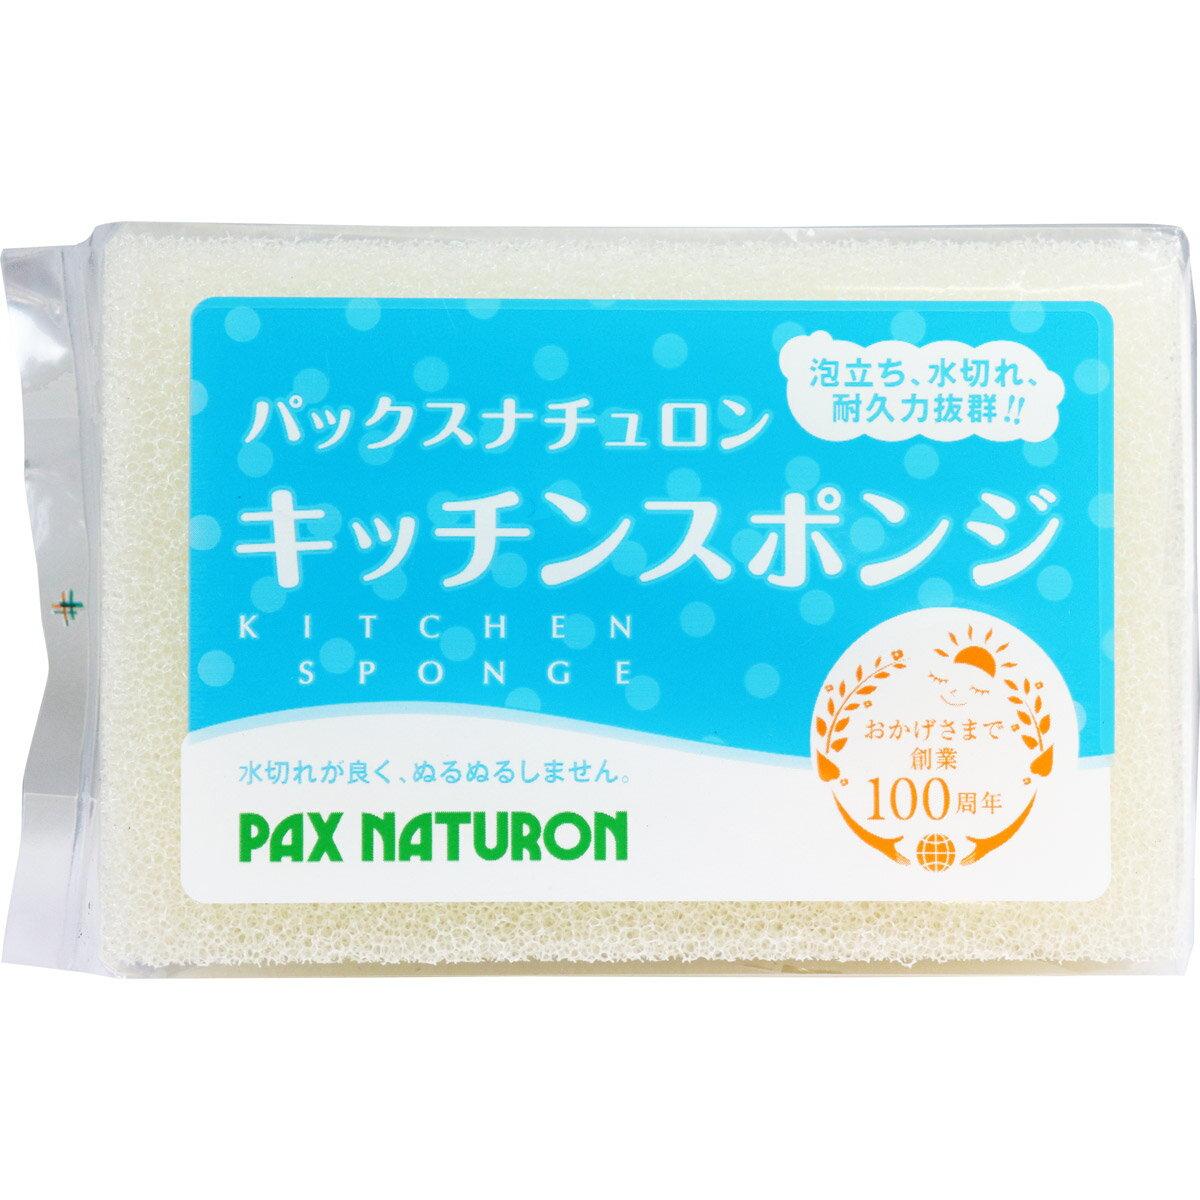 パックスナチュロン キッチンスポンジ (ナチュラル) 1個入